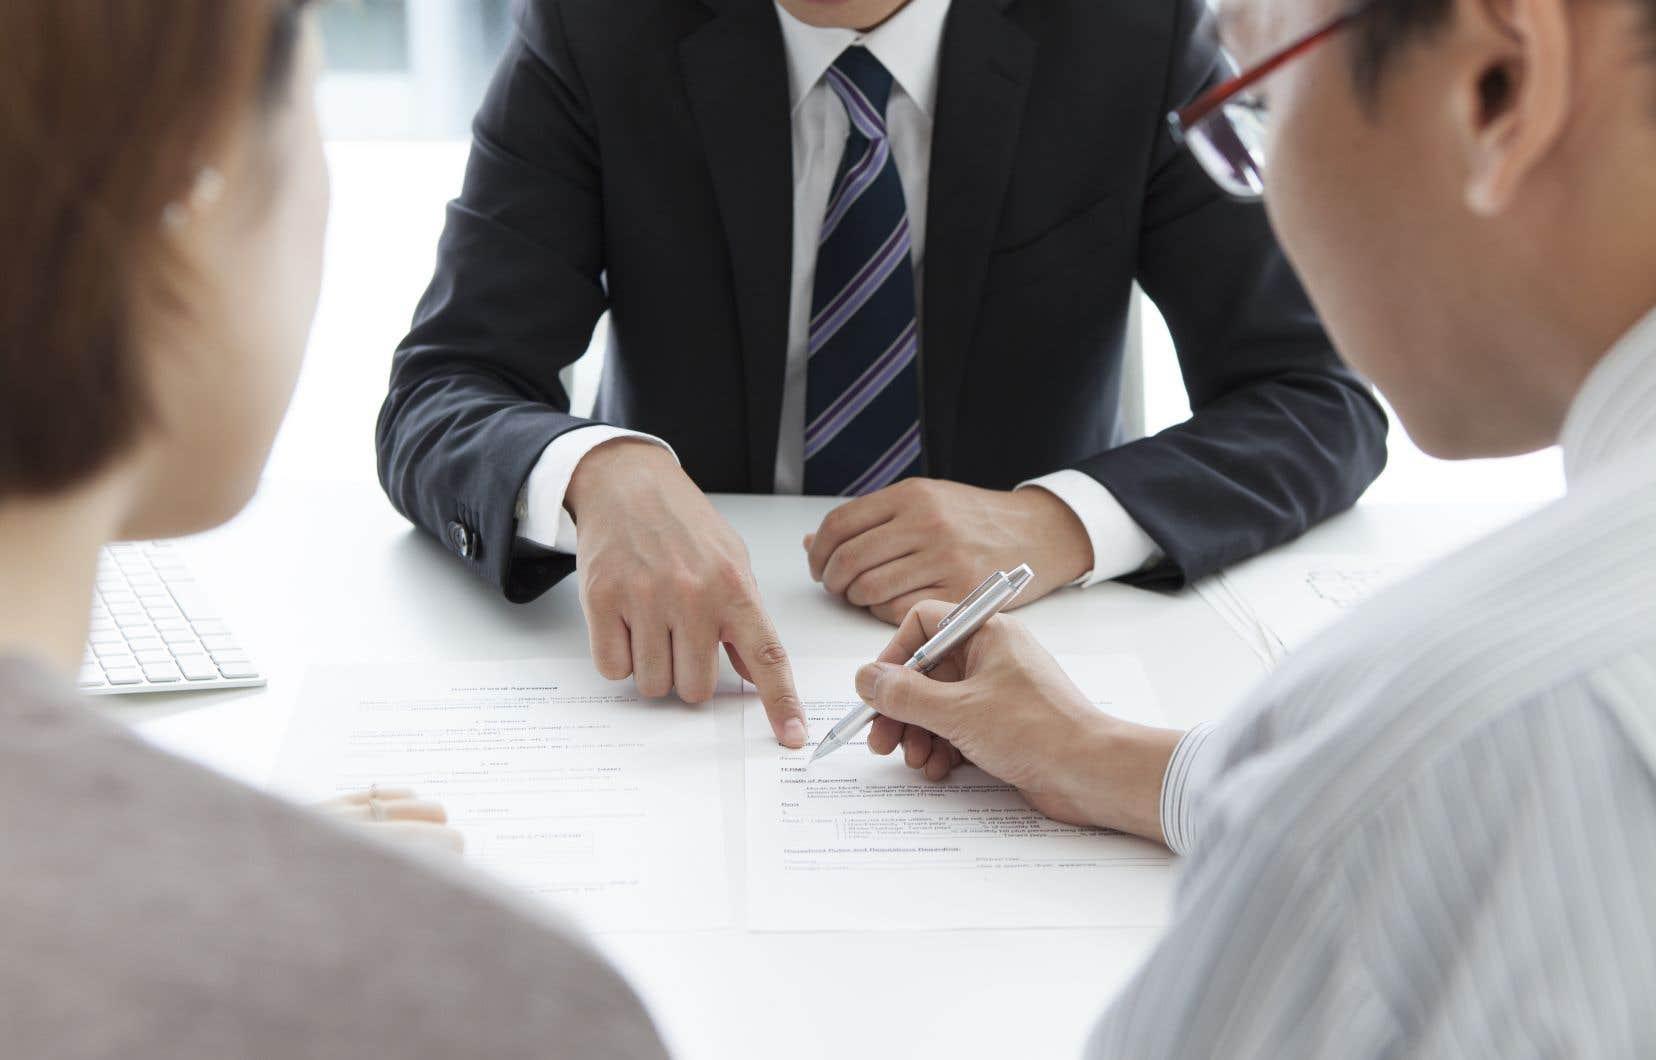 43% des répondants ont indiqué que leur conseiller ne les avait pas renseignés sur les concepts financiers.